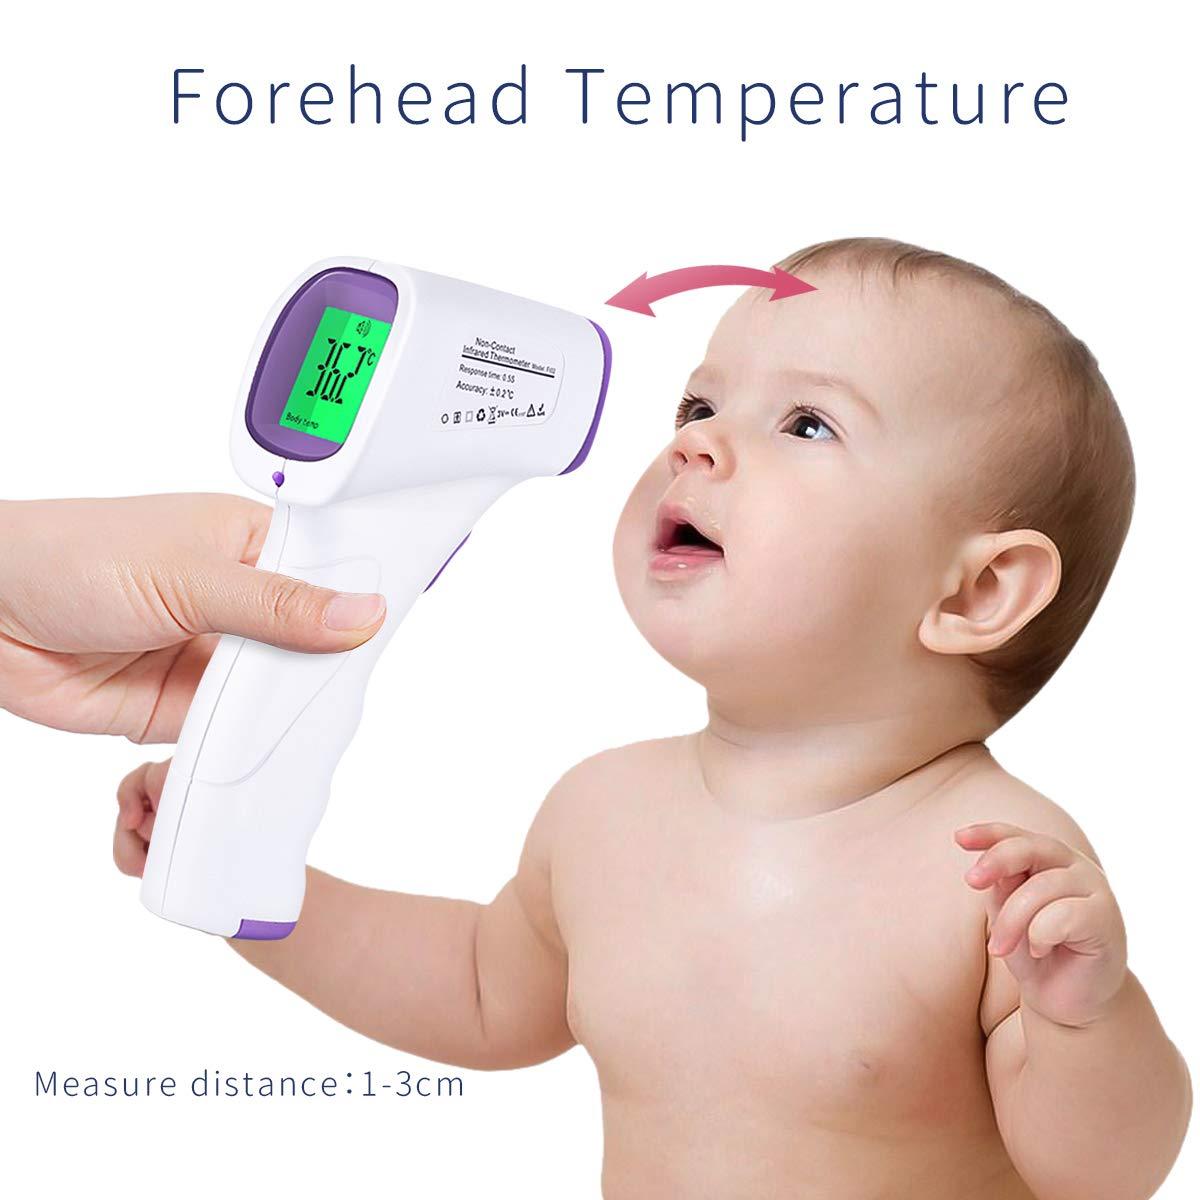 P/úrpura SONARIN Alta Precisi/ón Infrarrojo Term/ómetro de Frente M/édico Digital para beb/és y adultos,Sin Contacto,Objeto medible,Monitoreo Cl/ínico,Lectura instant/ánea,Certificaci/ón CE y FDA